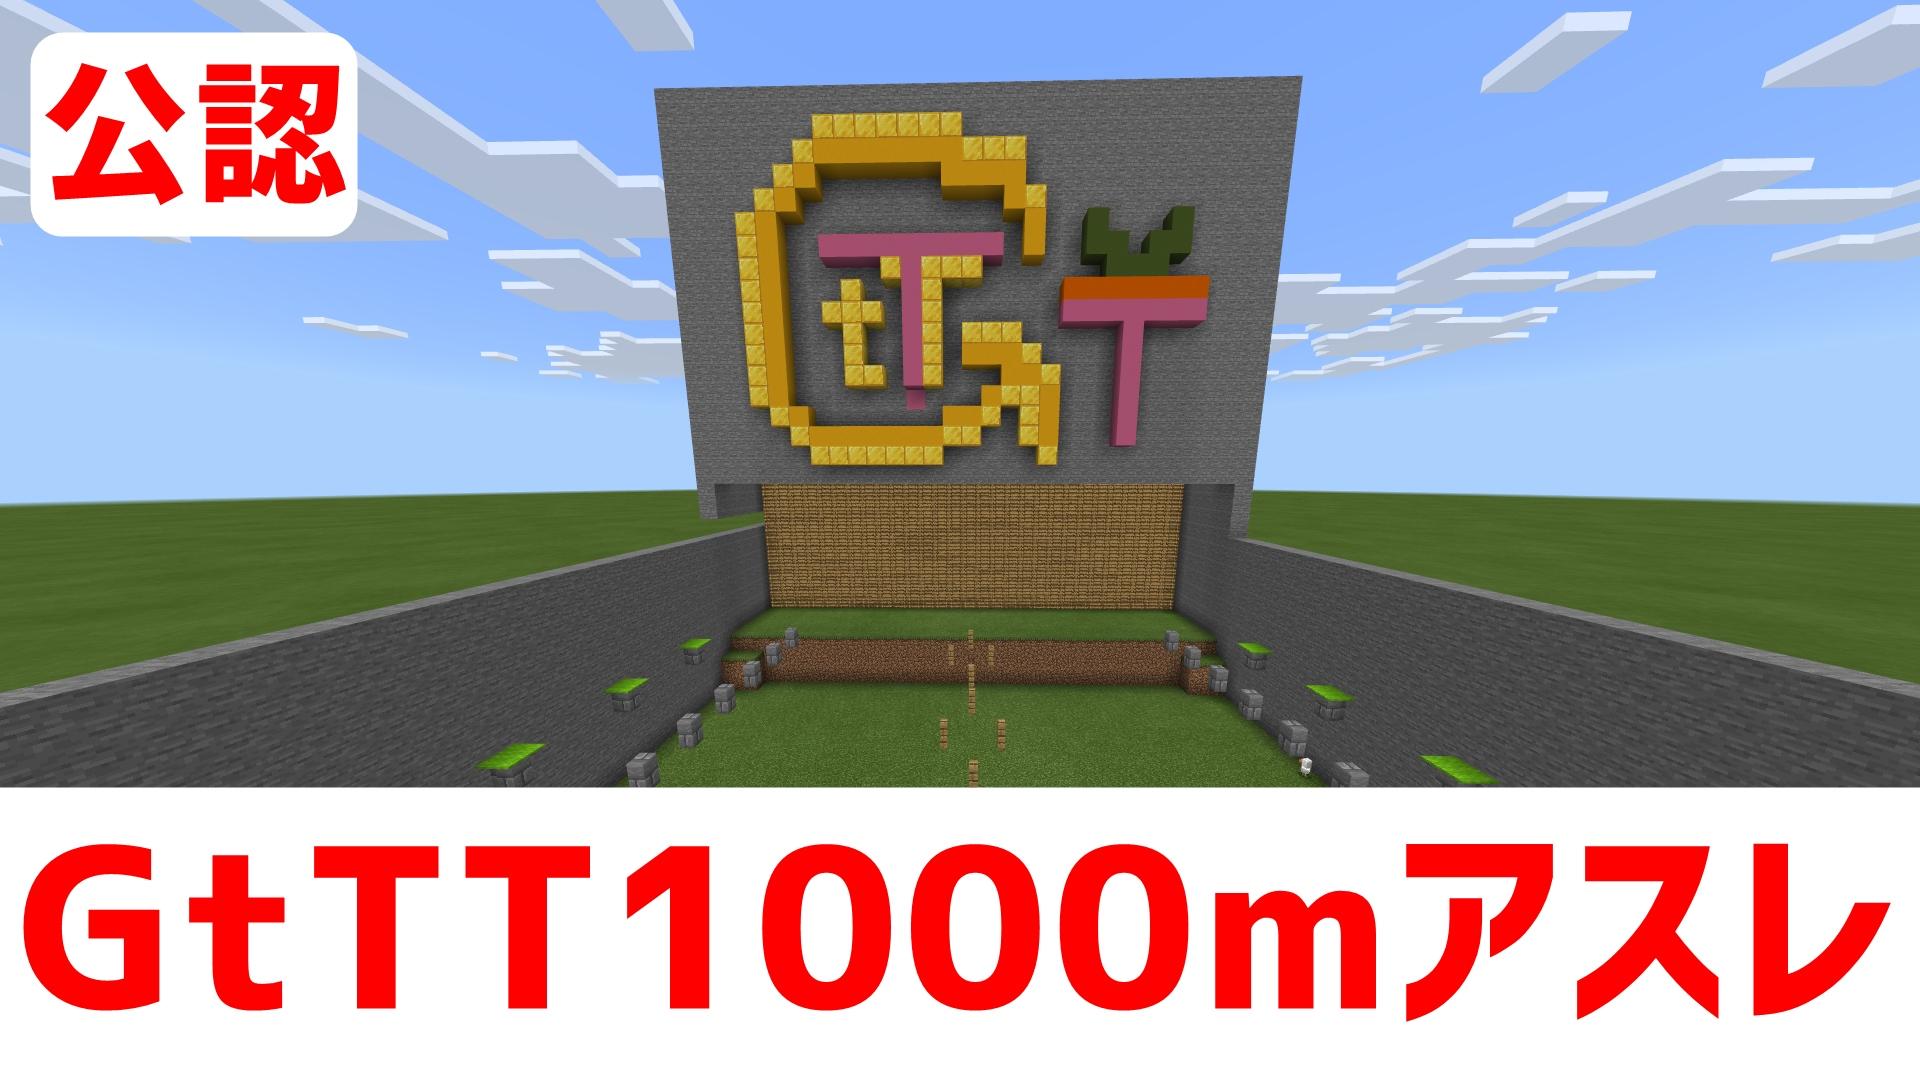 Gttt1000公認紹介-728615c9